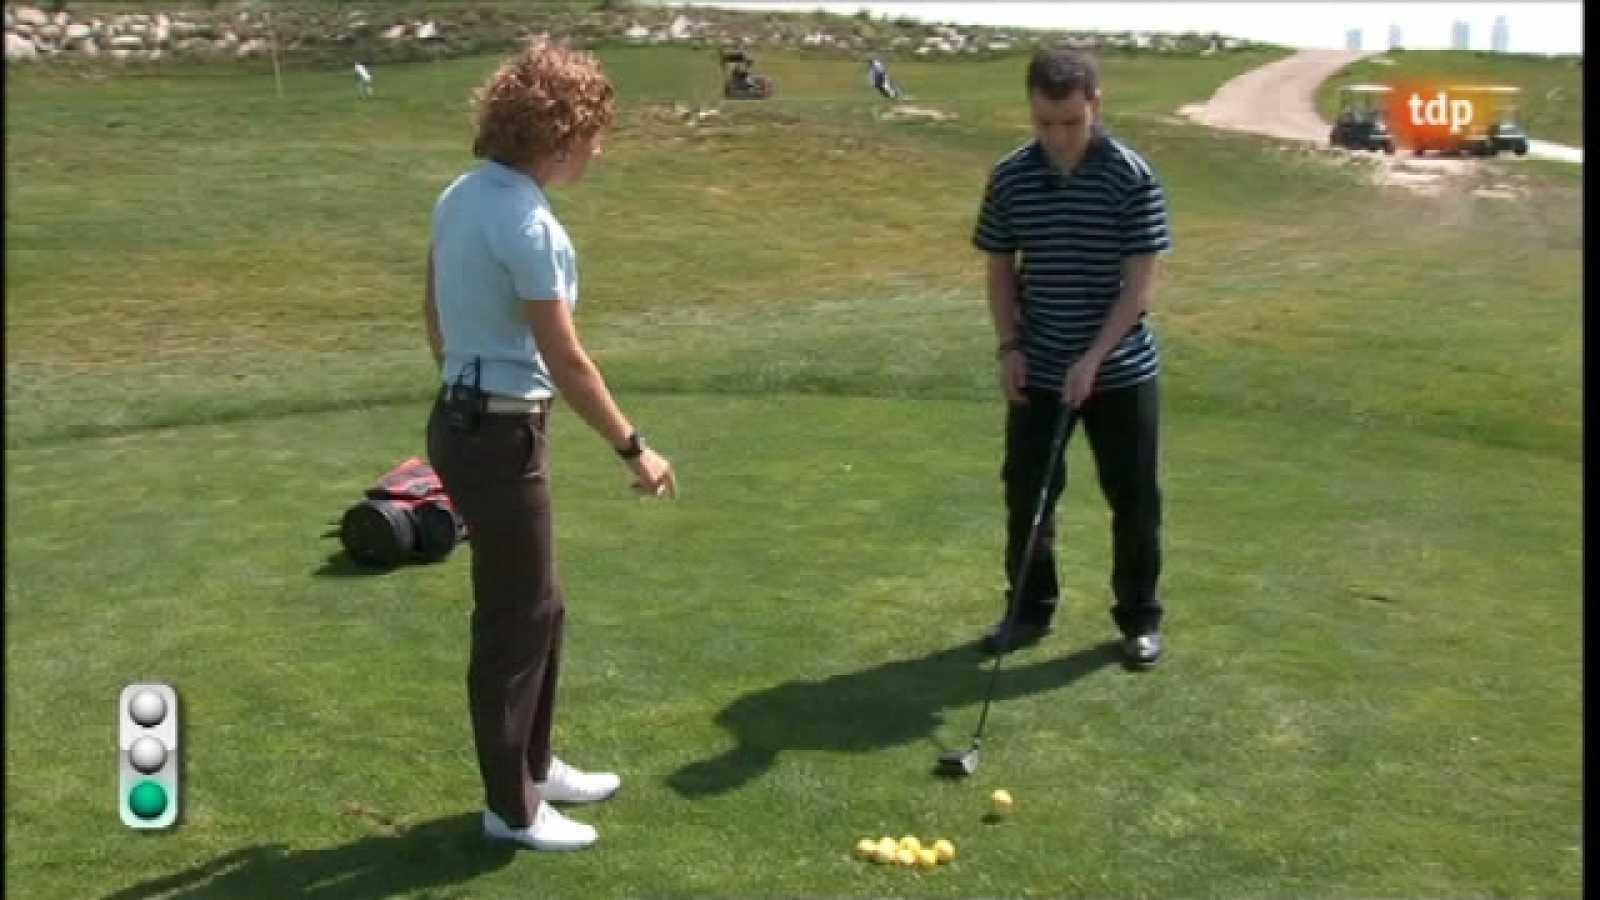 El golf sale a la calle - Resumen 3 - 20/05/11 - Ver ahora